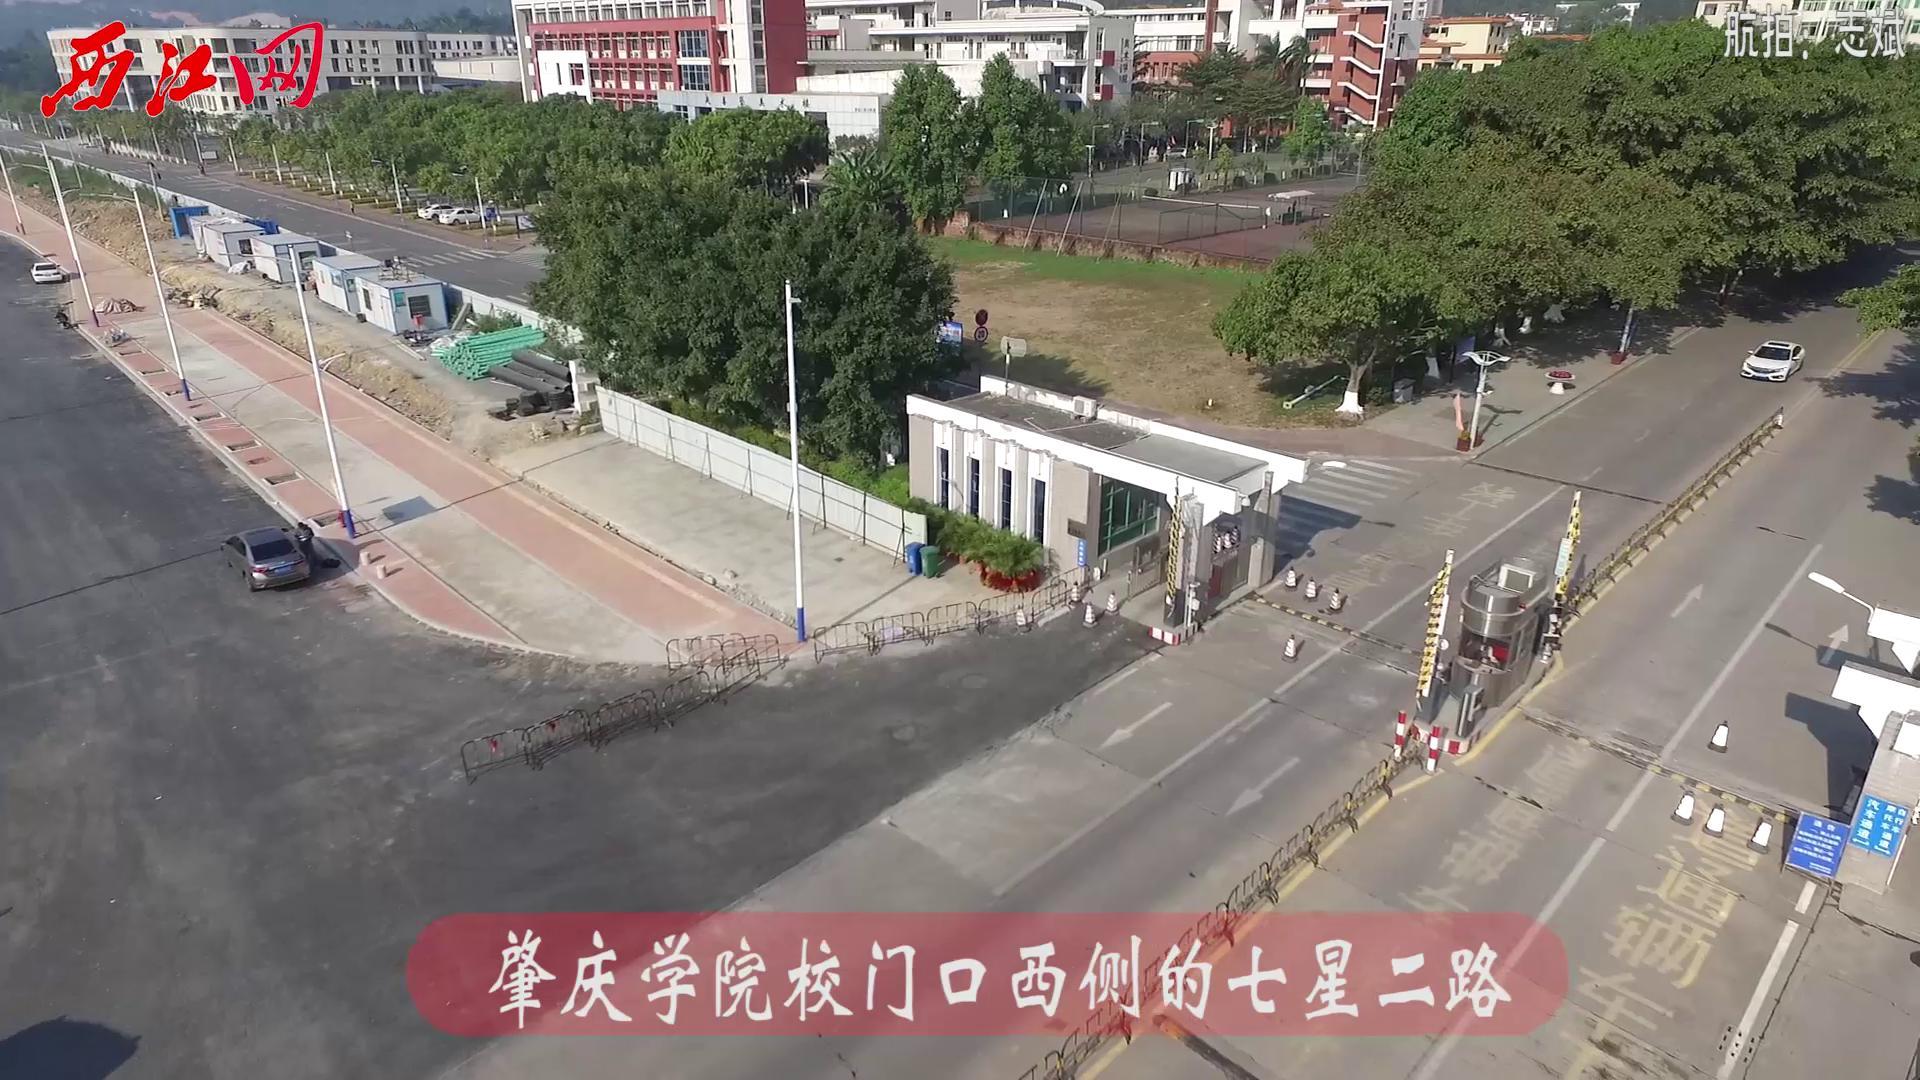 亚虎娱乐官方网站学院校门口西侧的七星二路开通